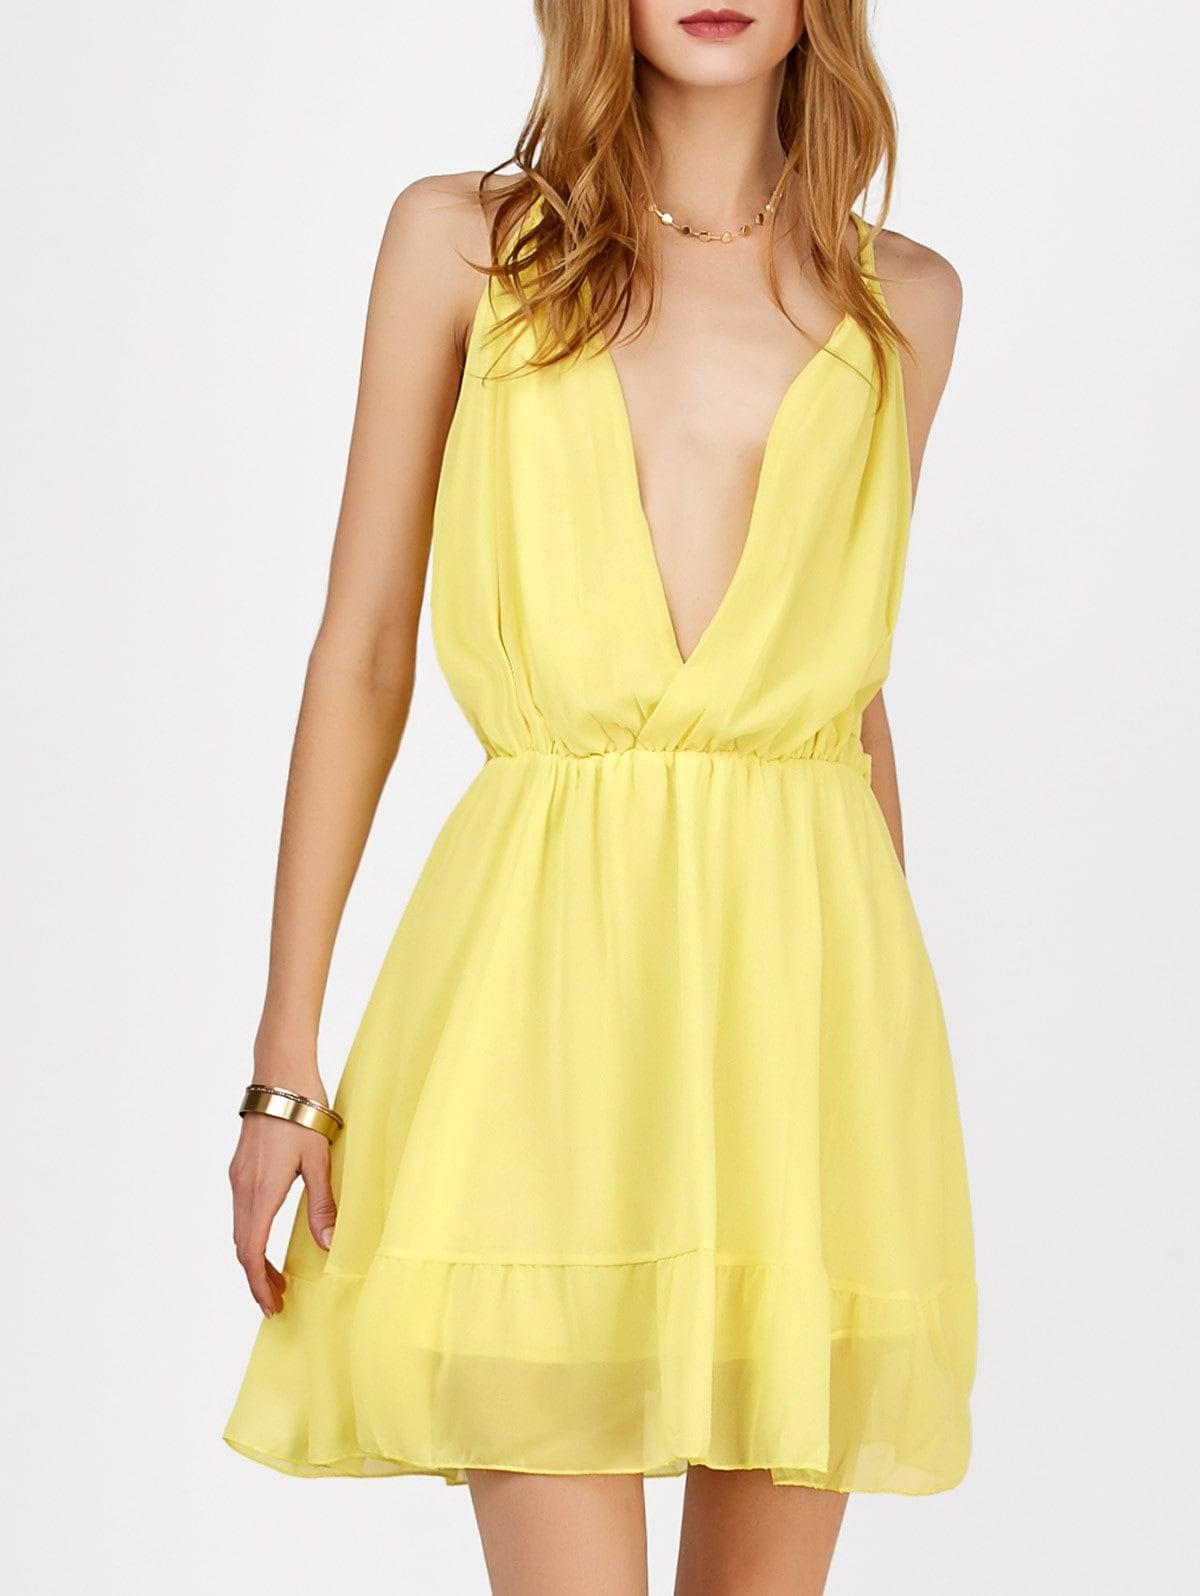 шифоновое платье желтое